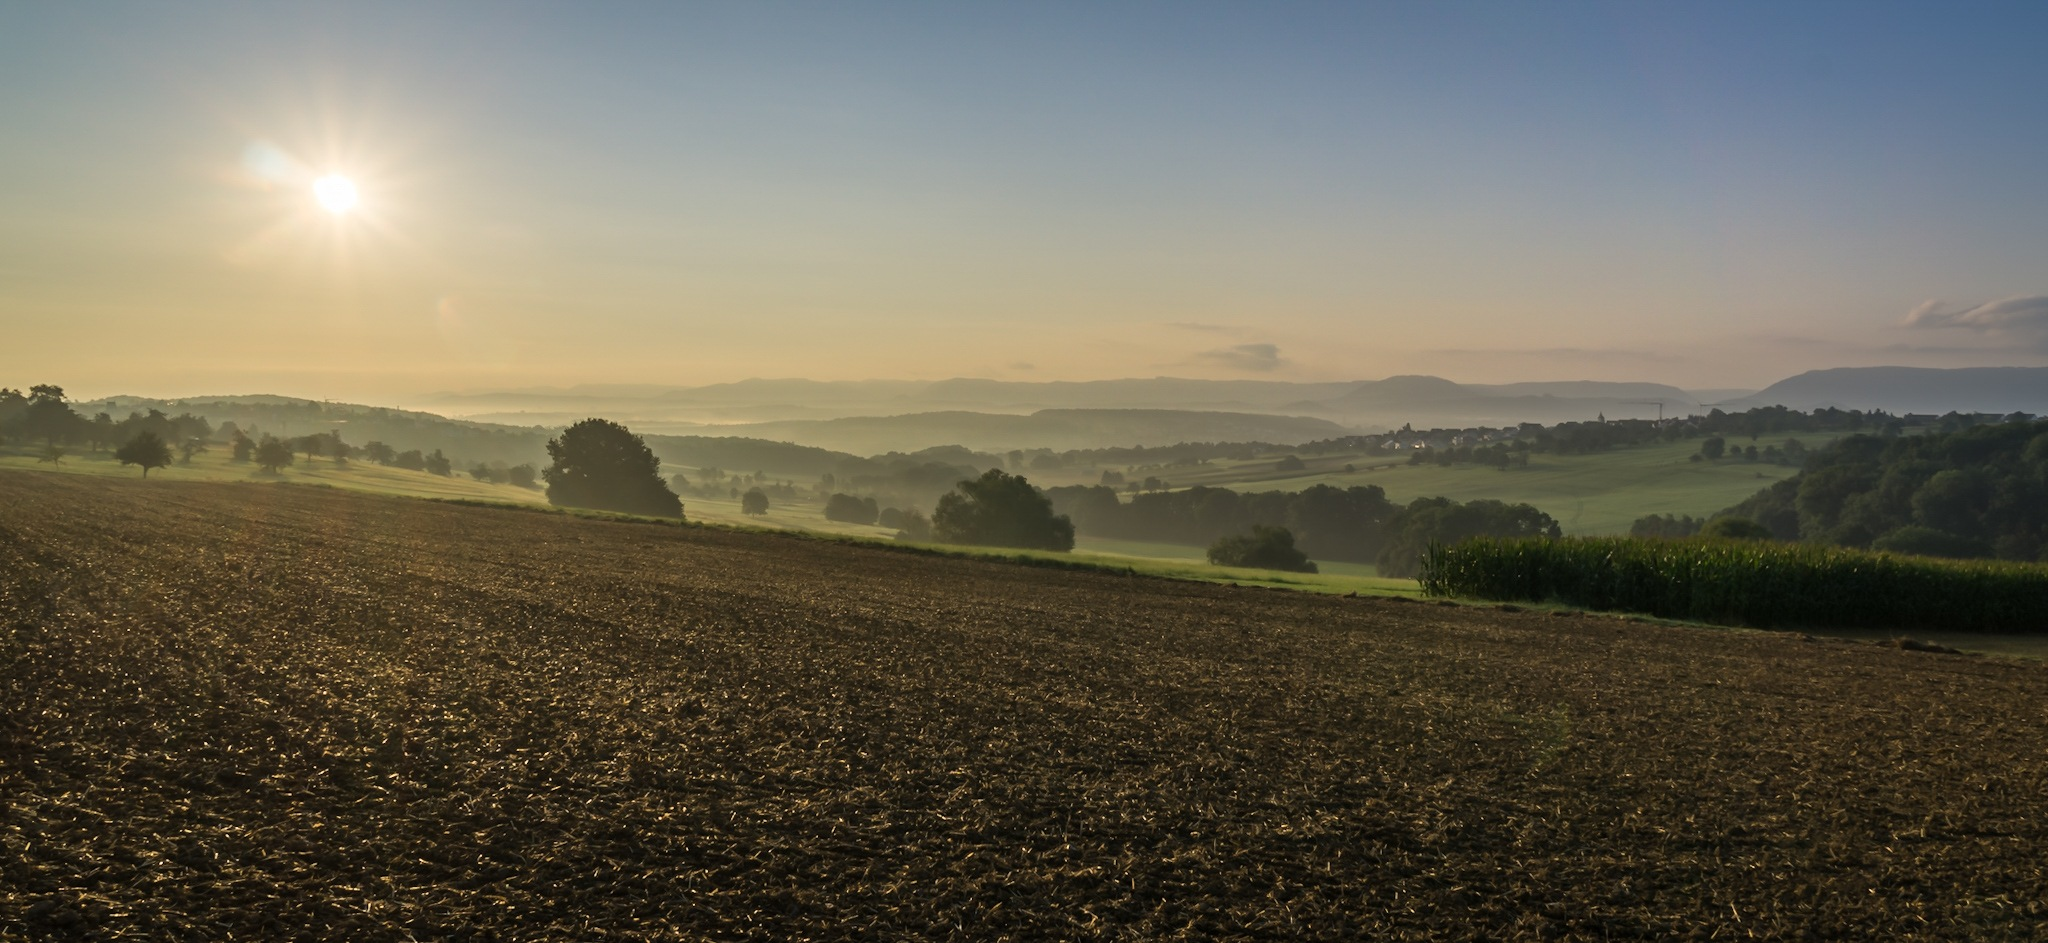 Early morning light  by Waljakov